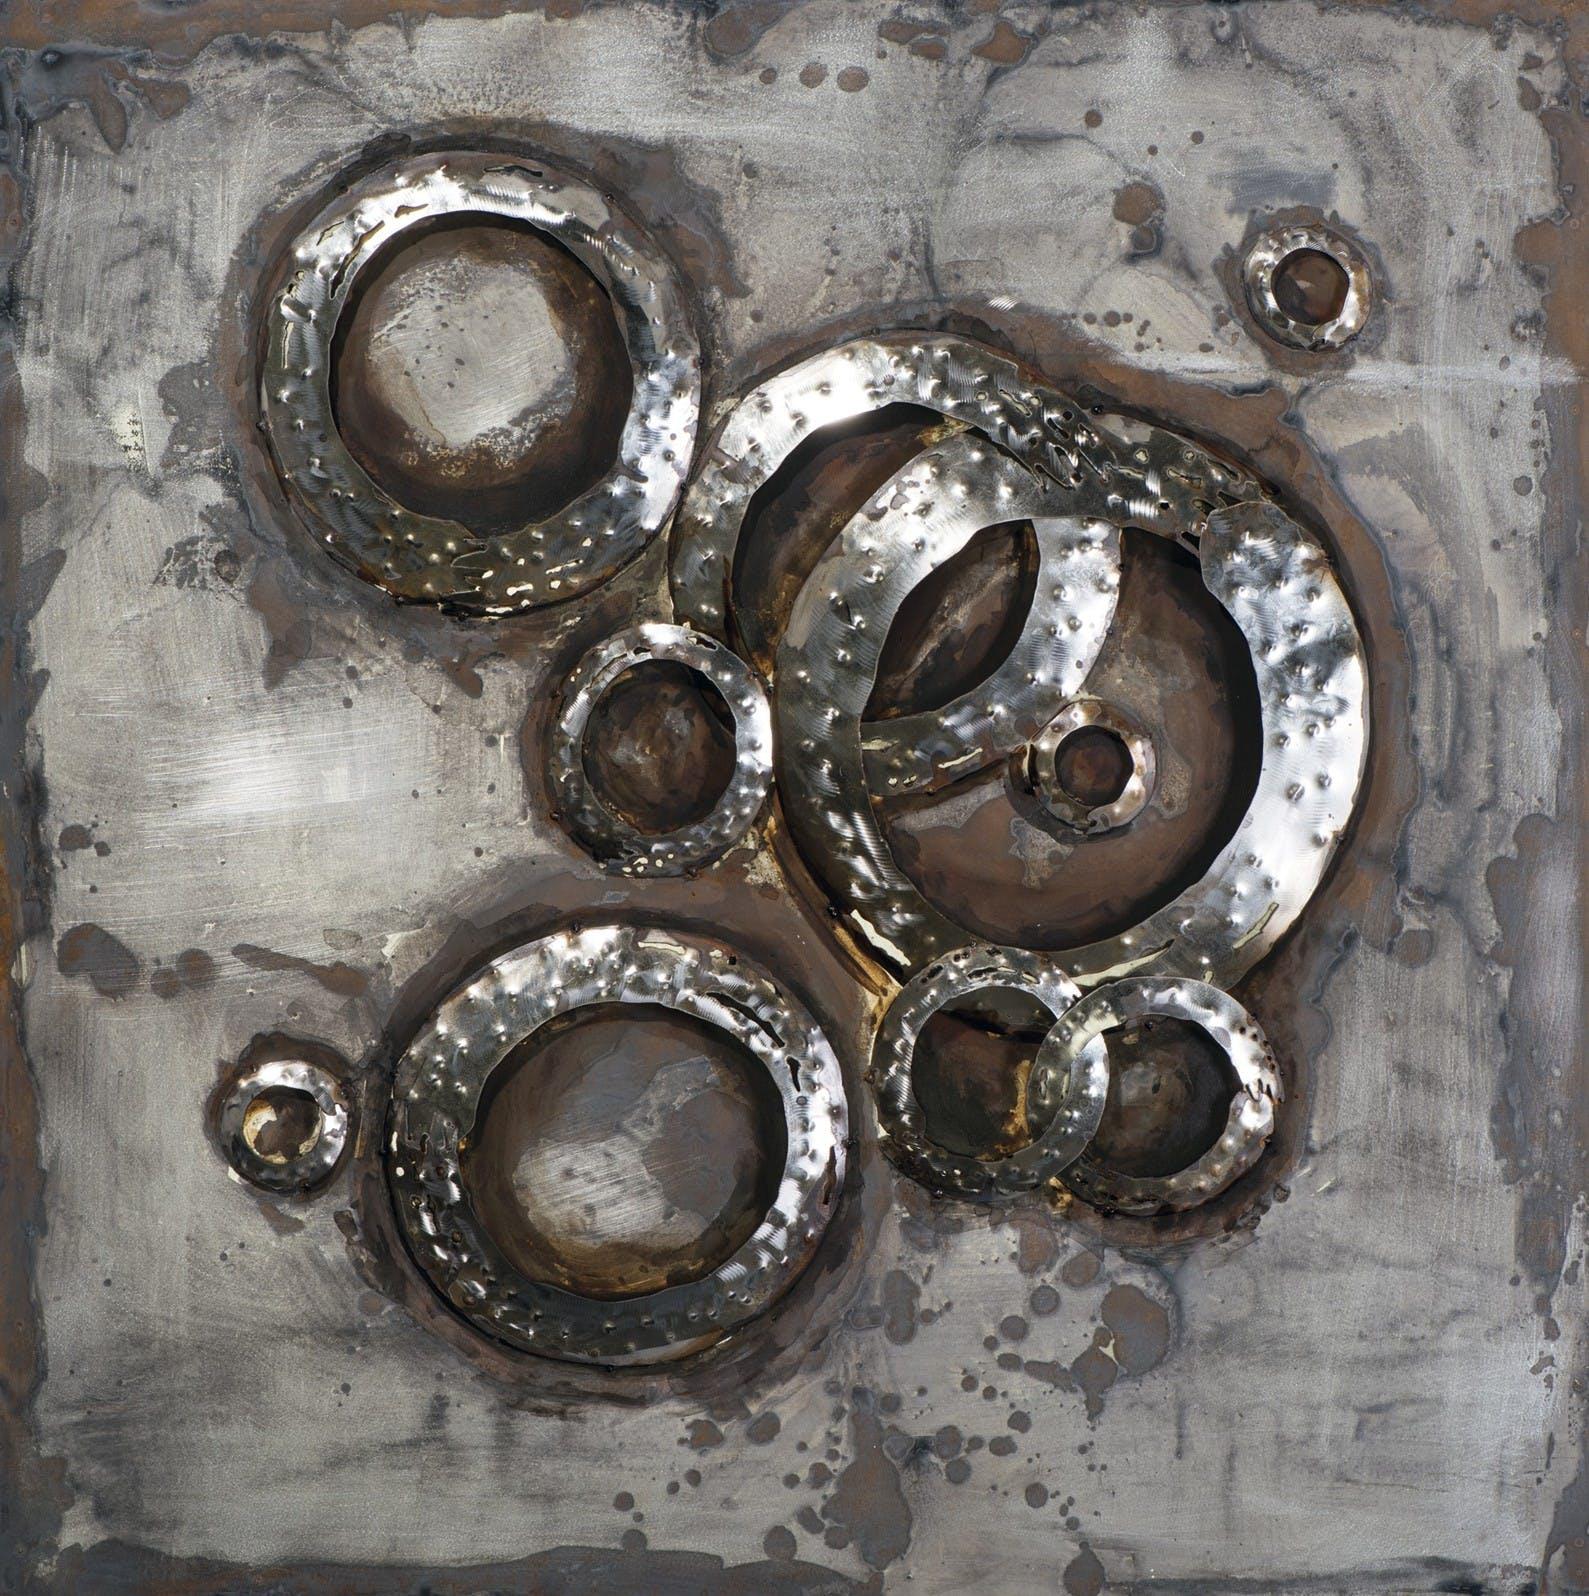 Tableau Abstrait sur plaque métal 100x100 Argenté. Ajout d'éléments métal en 3D . Peinture acrylique